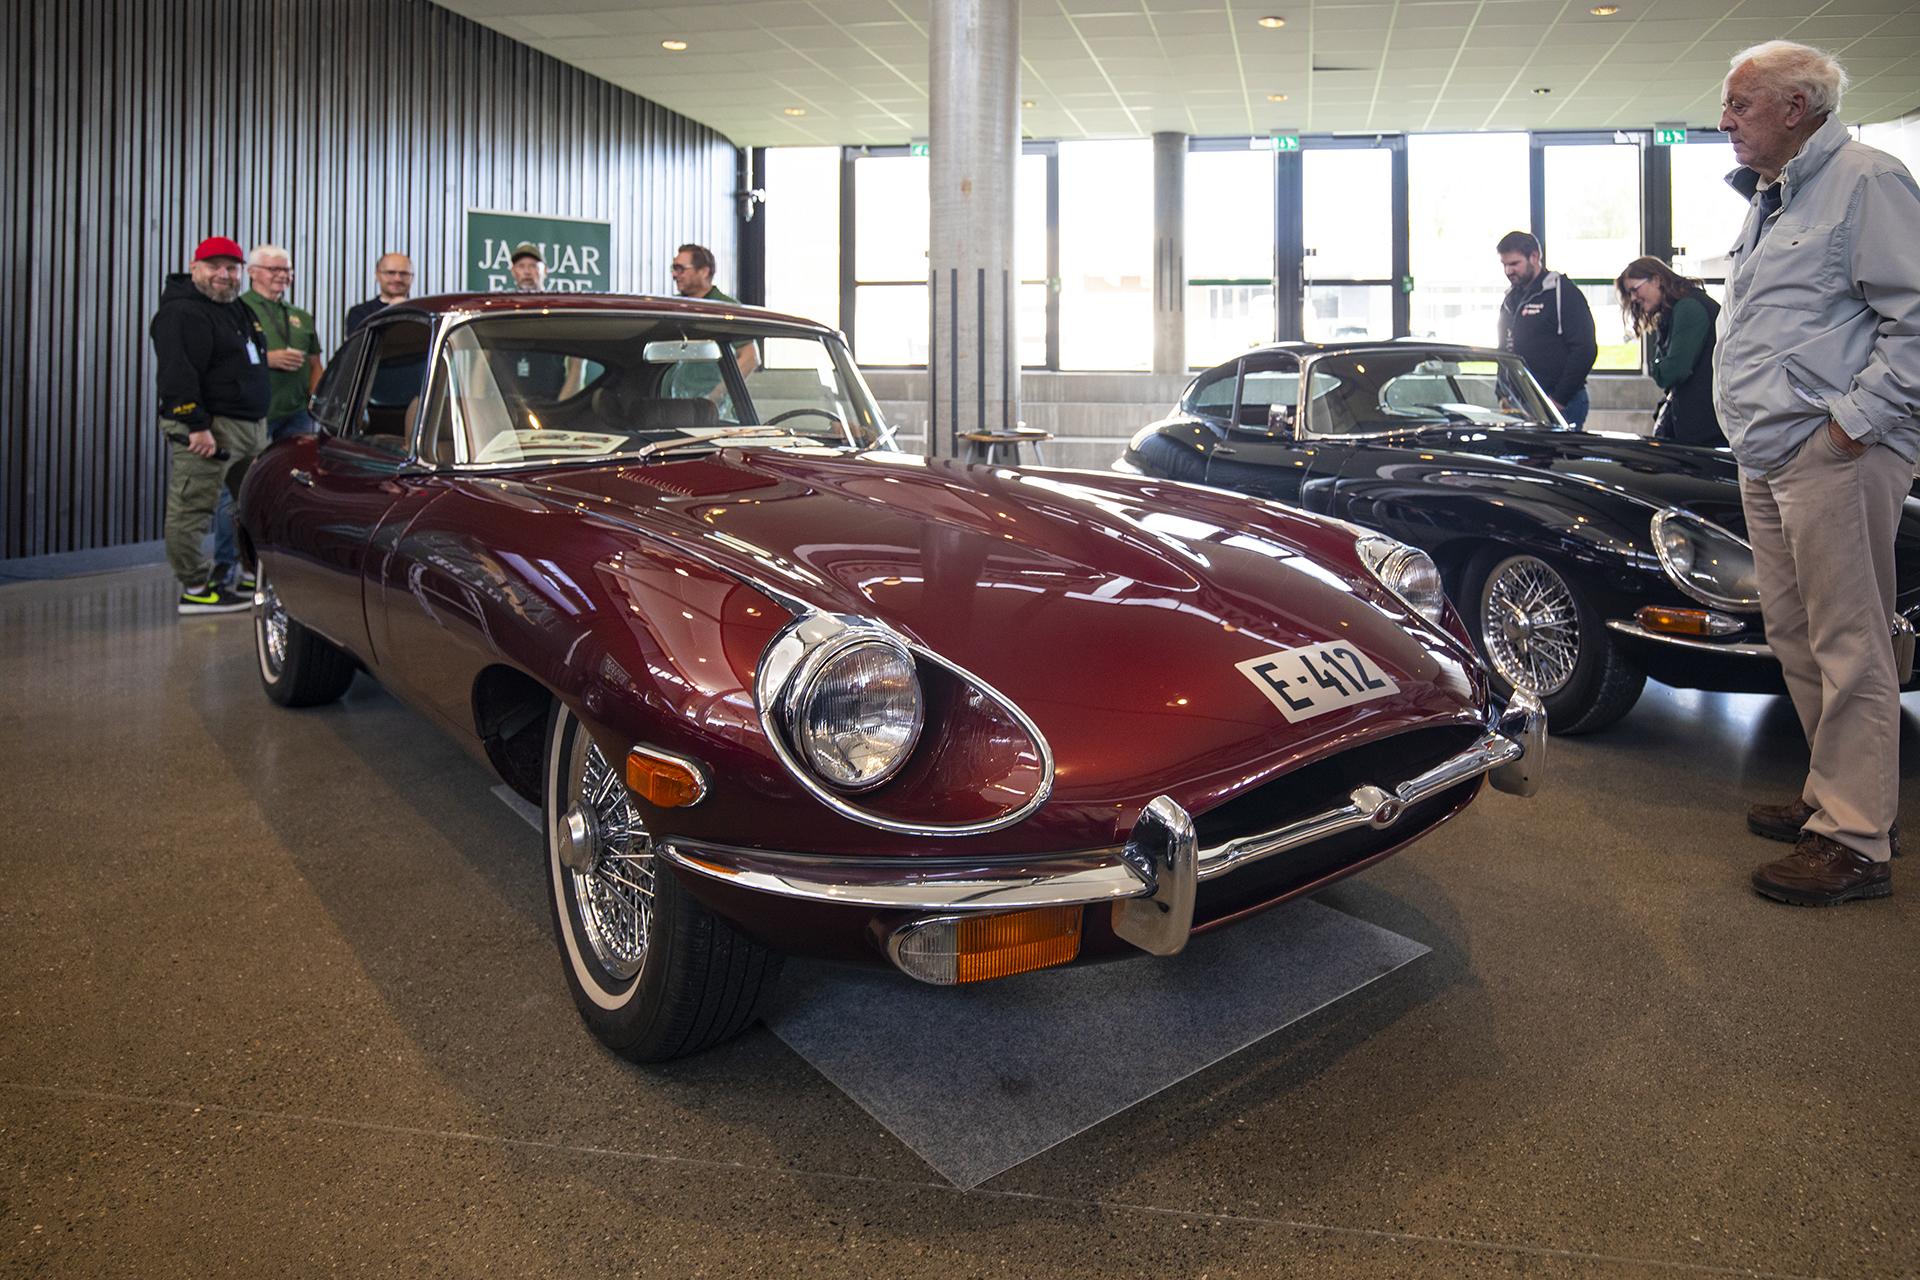 Pål Andreas Schjetne tok med seg det mange anser som tidenes fineste bil, nemlig en Jaguar E-Type.